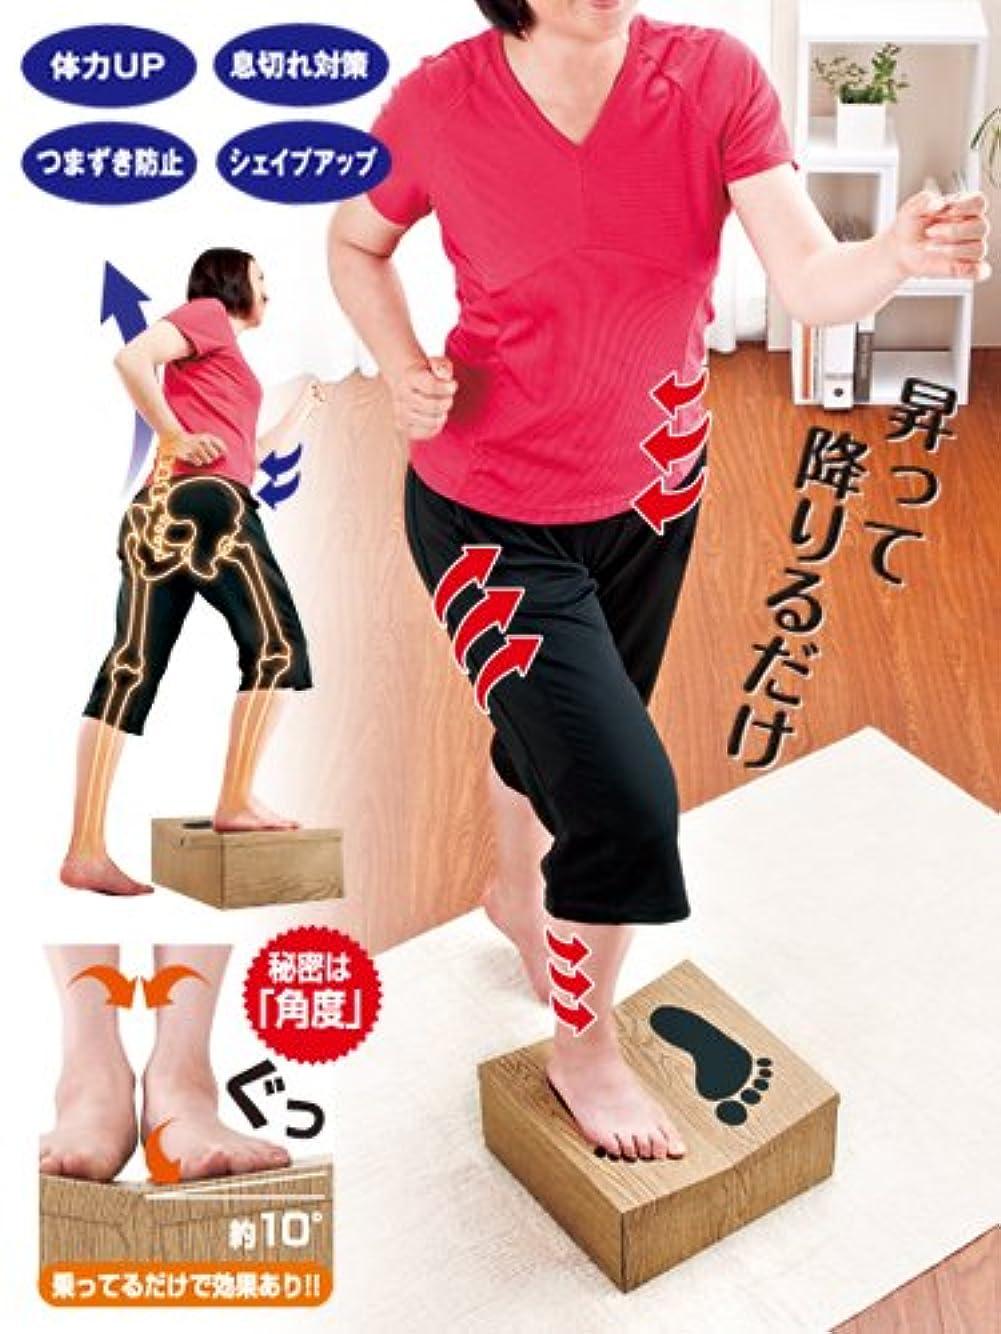 ピザ公平なかび臭いどこでもエクササイズフミッパー 踏み台運動 フミッパー ステップ運動 踏み台 ステップ体操 上り下り運動 有酸素運動 つまずき防止 ダイエット器具 健康器具 リハビリ 踏み台昇降運動